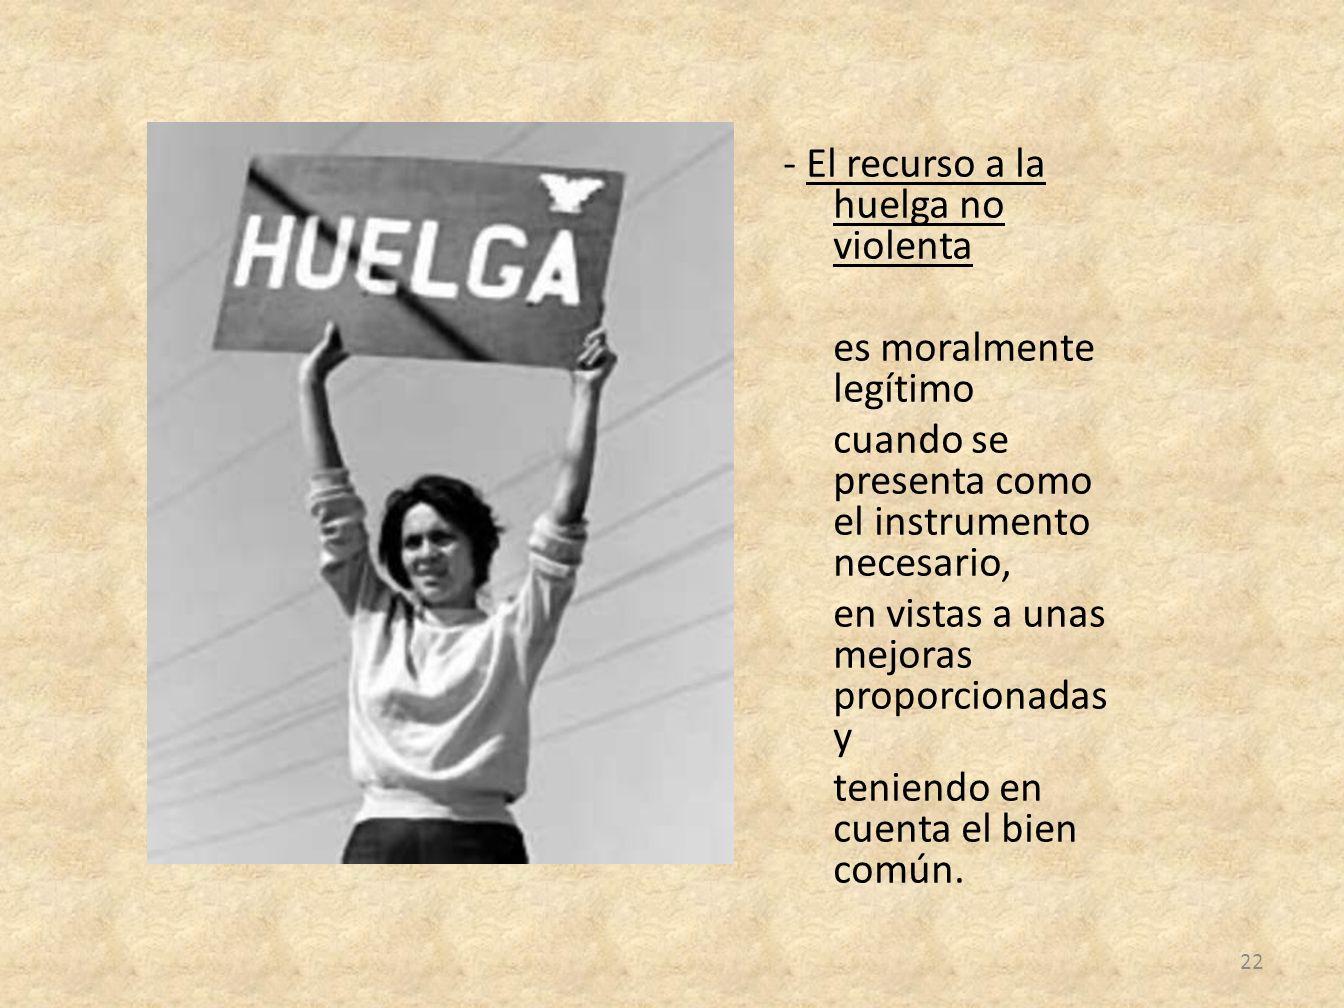 - El recurso a la huelga no violenta es moralmente legítimo cuando se presenta como el instrumento necesario, en vistas a unas mejoras proporcionadas